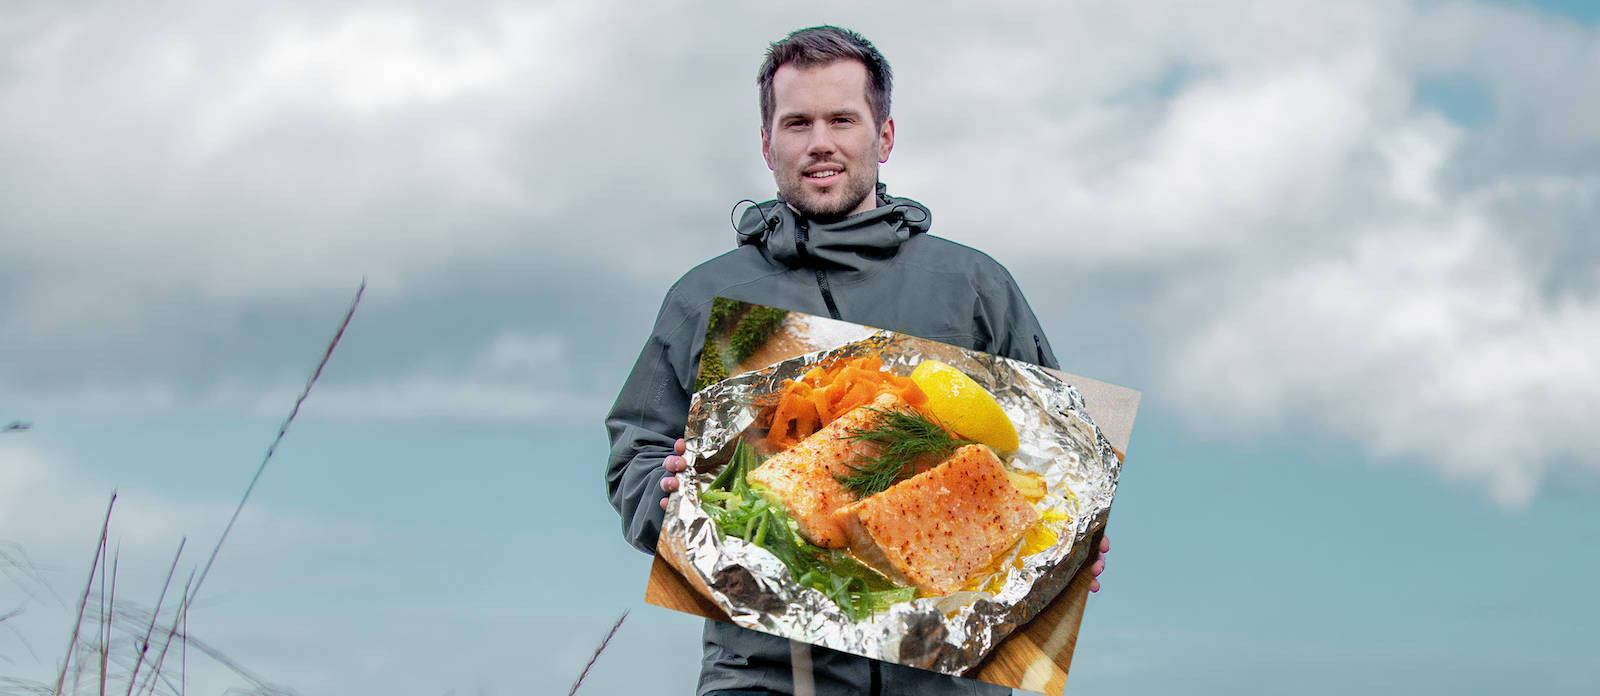 Salmon al fresco